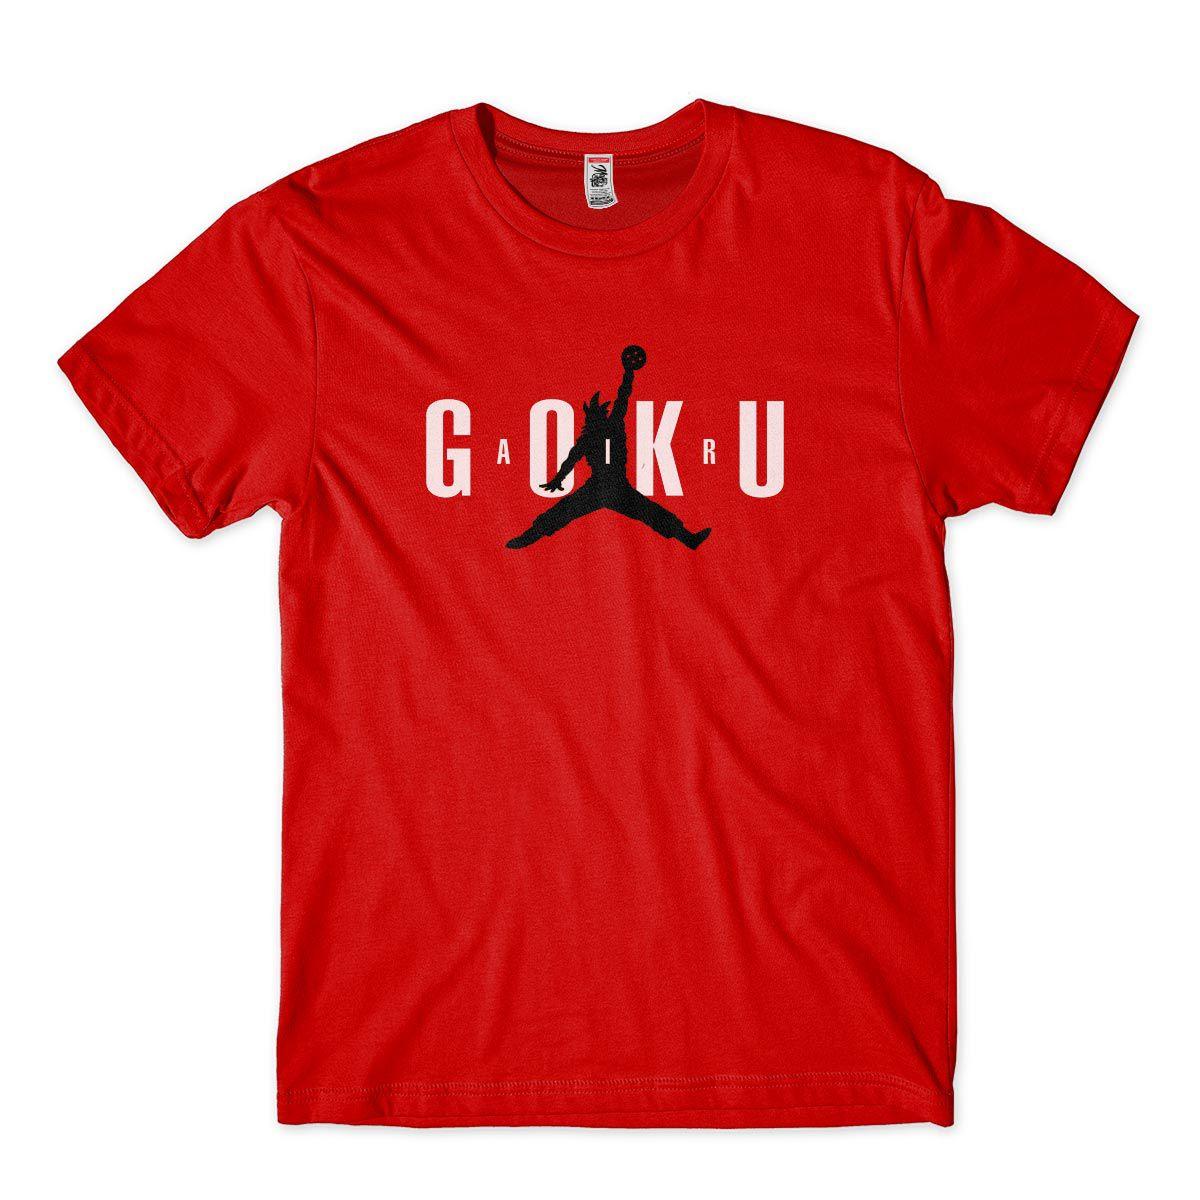 Camisa Masculina Goku Satira Air Jordan Humor Camiseta DBZ